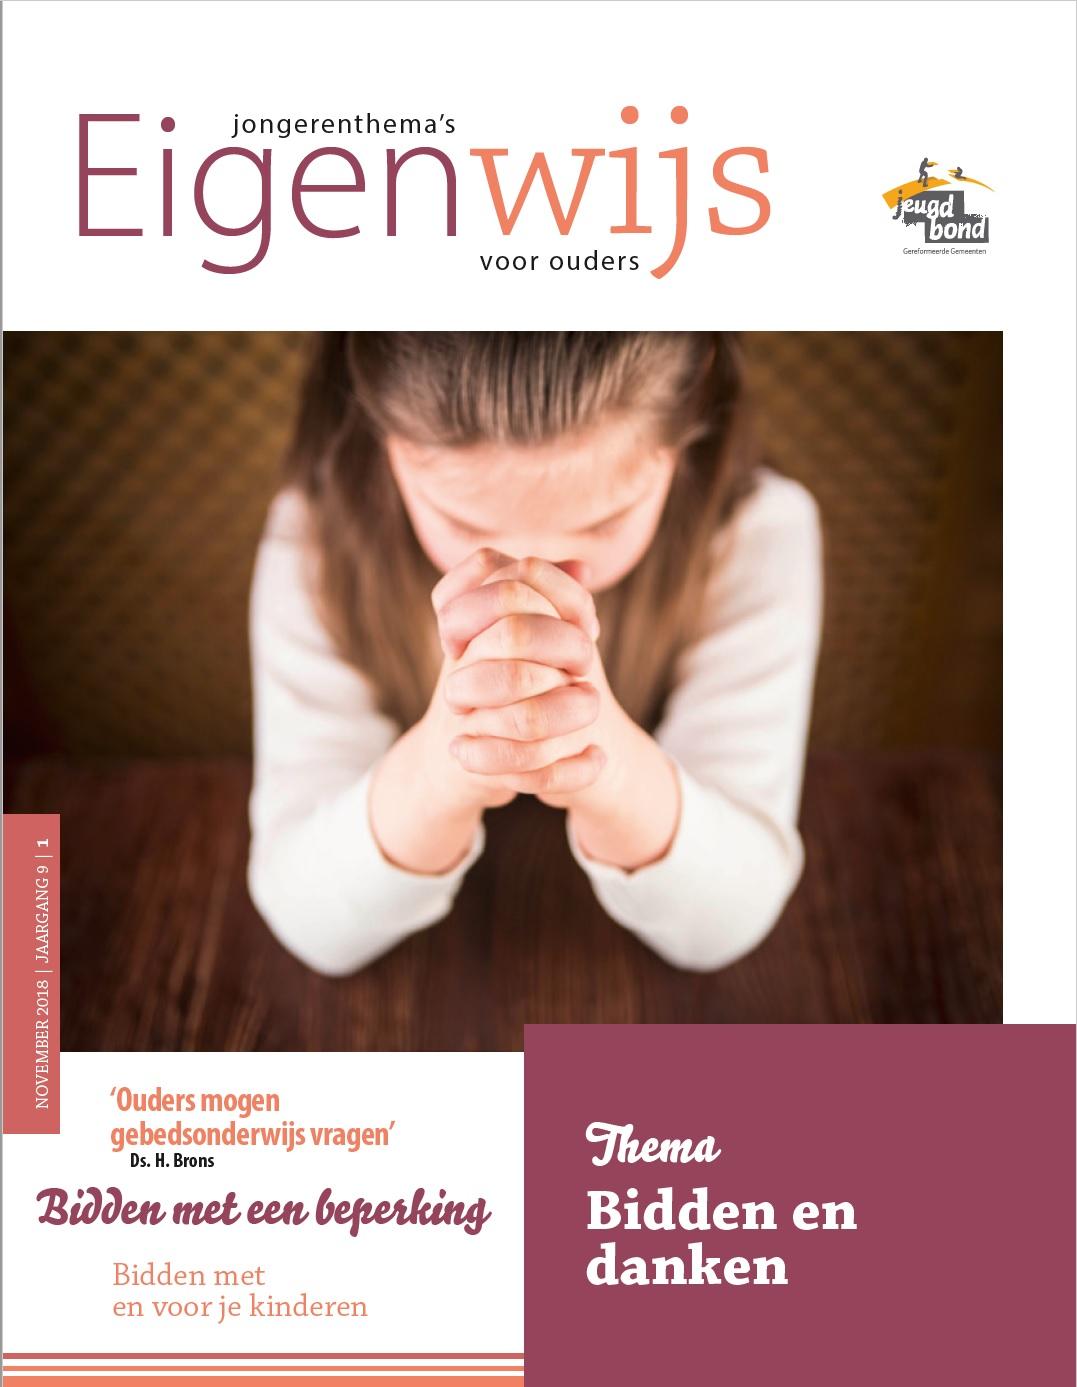 EigenWijs_bidden en danken.jpg